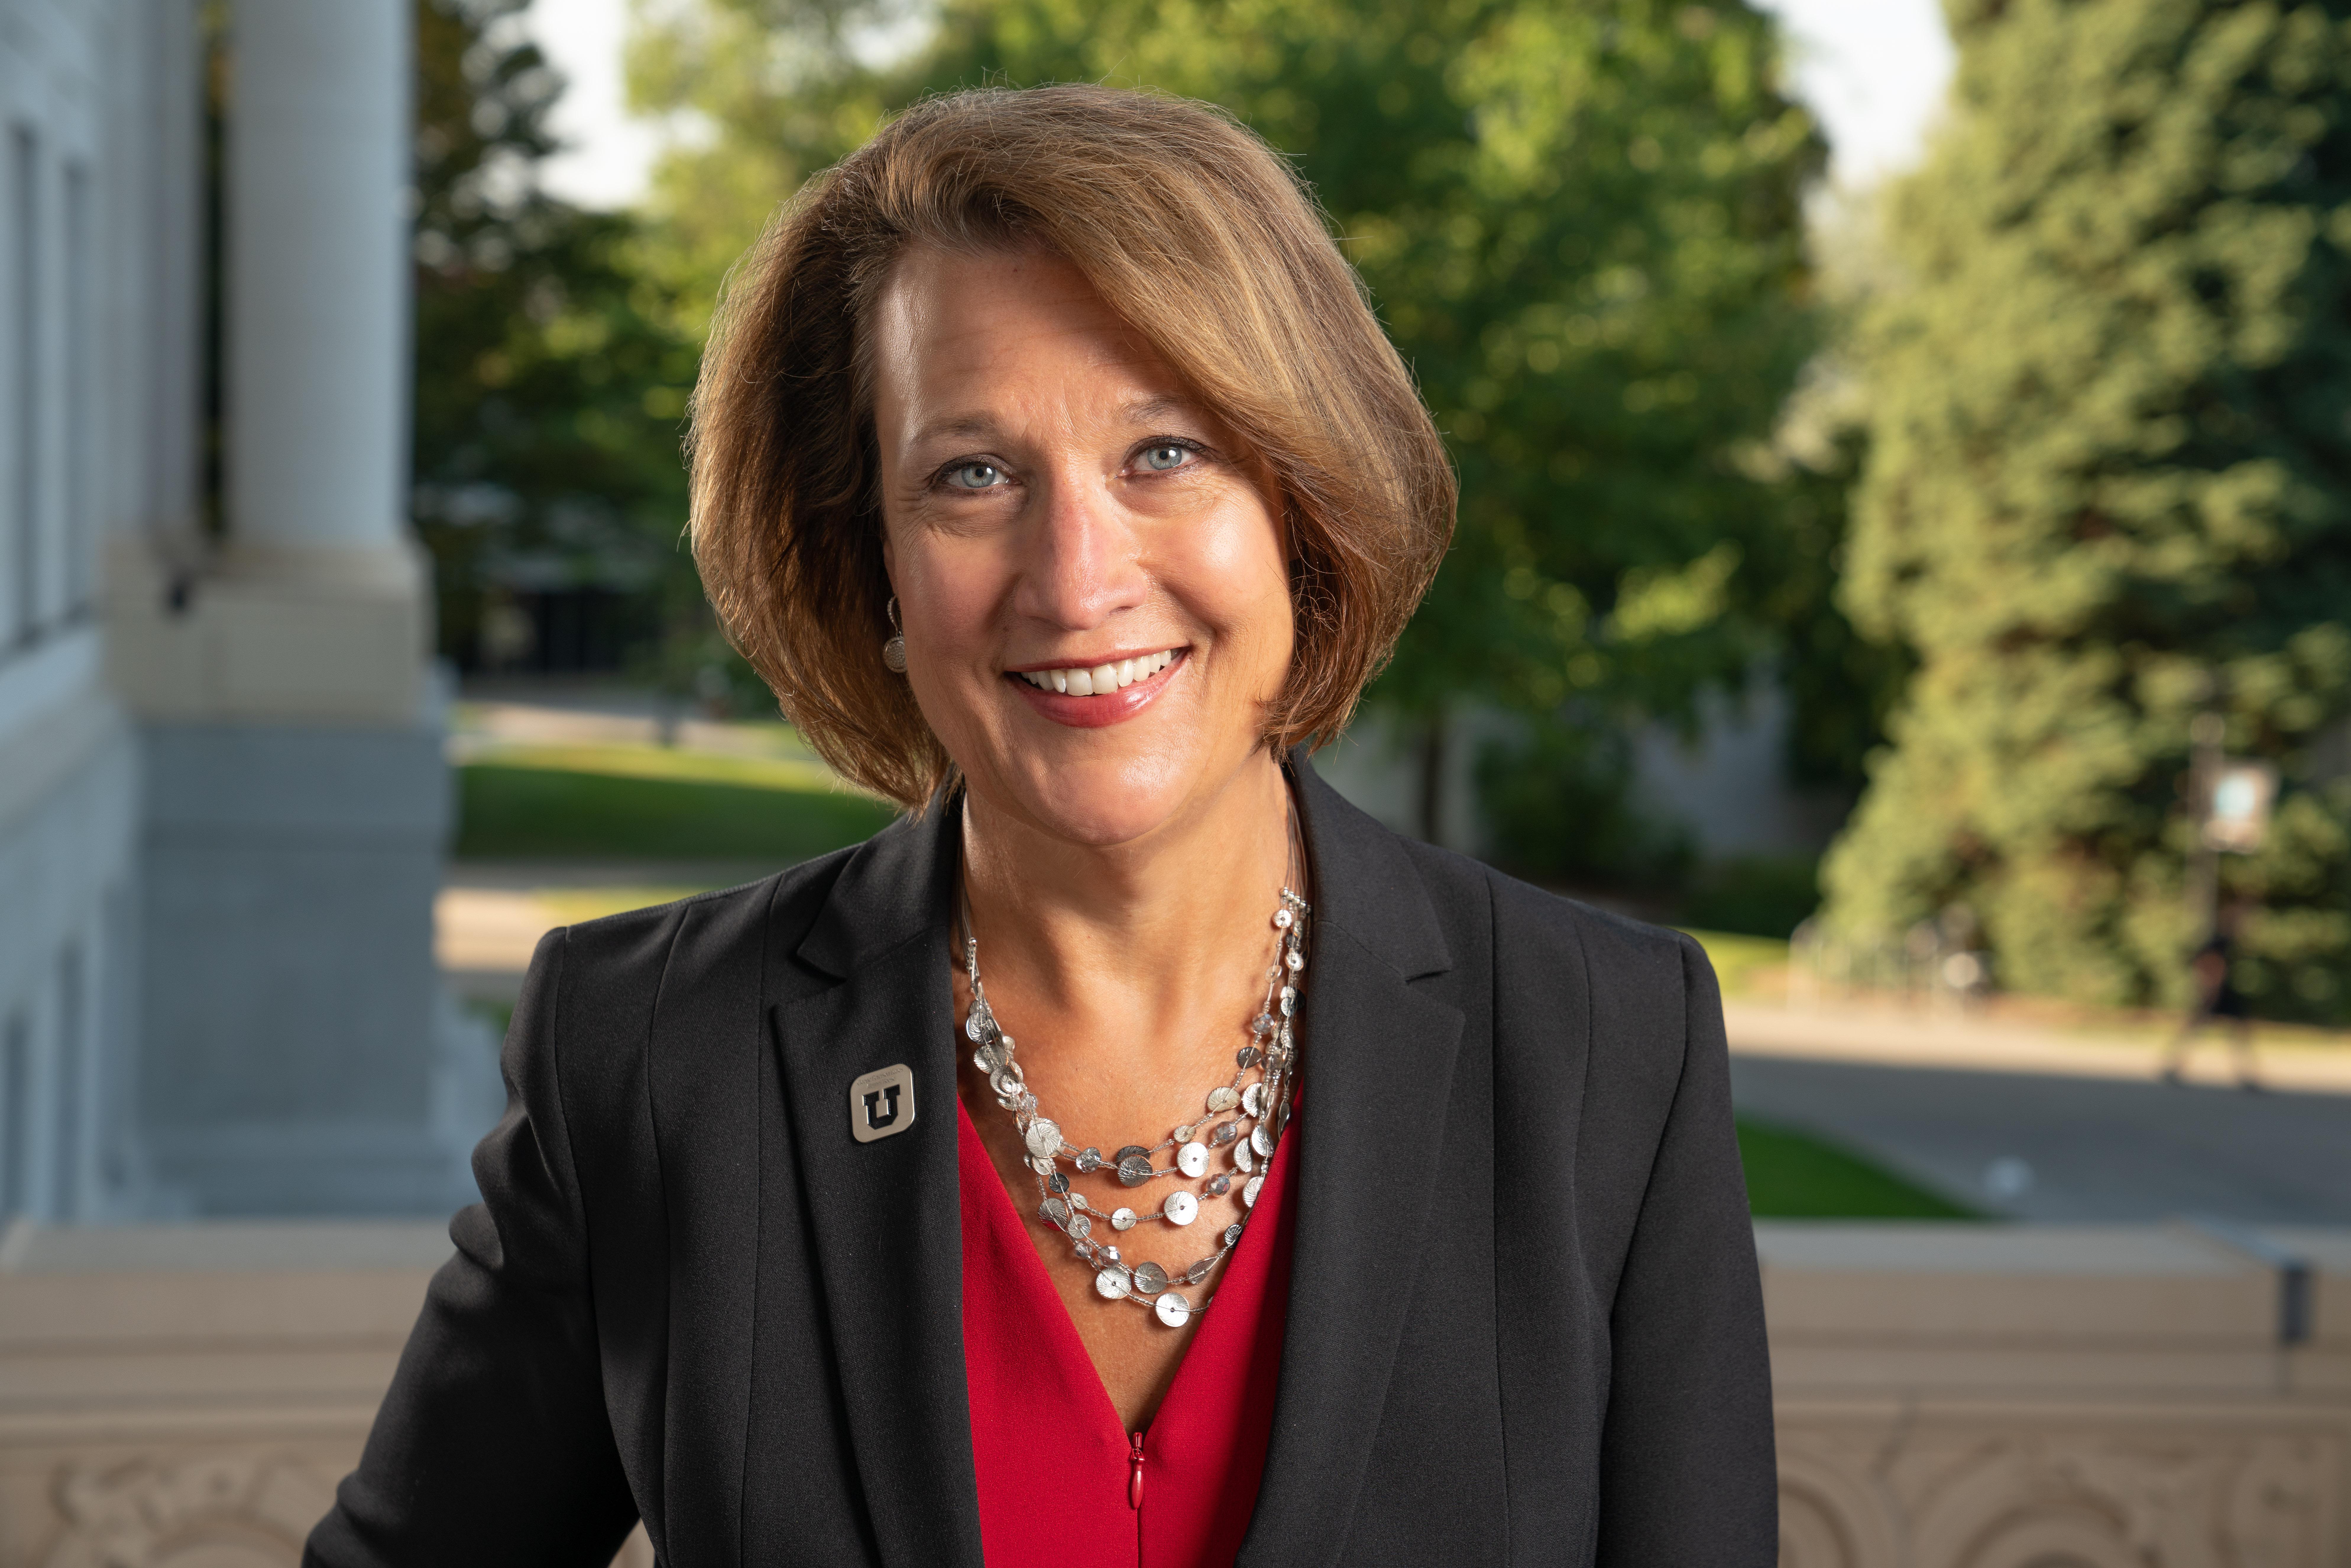 Ruth Watkins is the president of the University of Utah